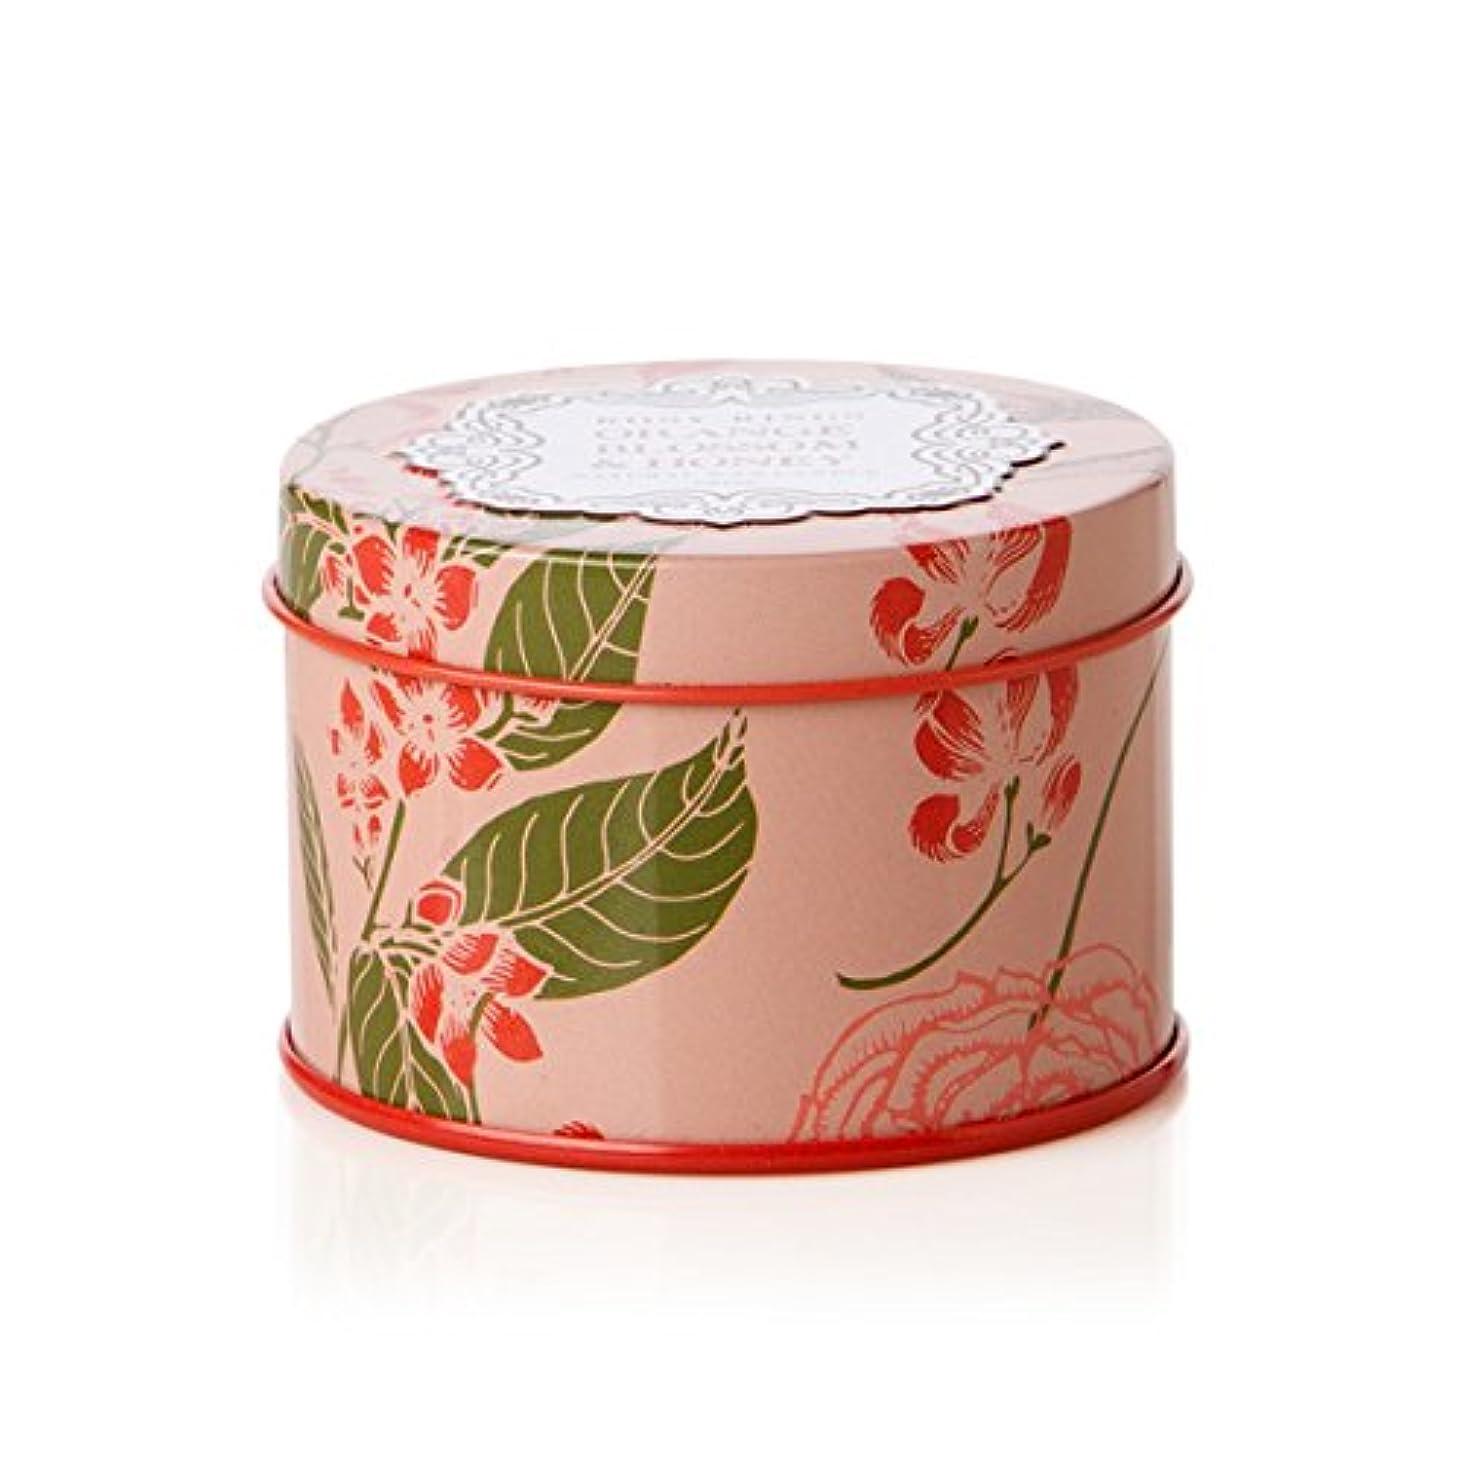 荒野不一致ほめるロージーリングス プティティンキャンドル オレンジブロッサム&ハニー ROSY RINGS Petite Tin Orange Blossom & Honey